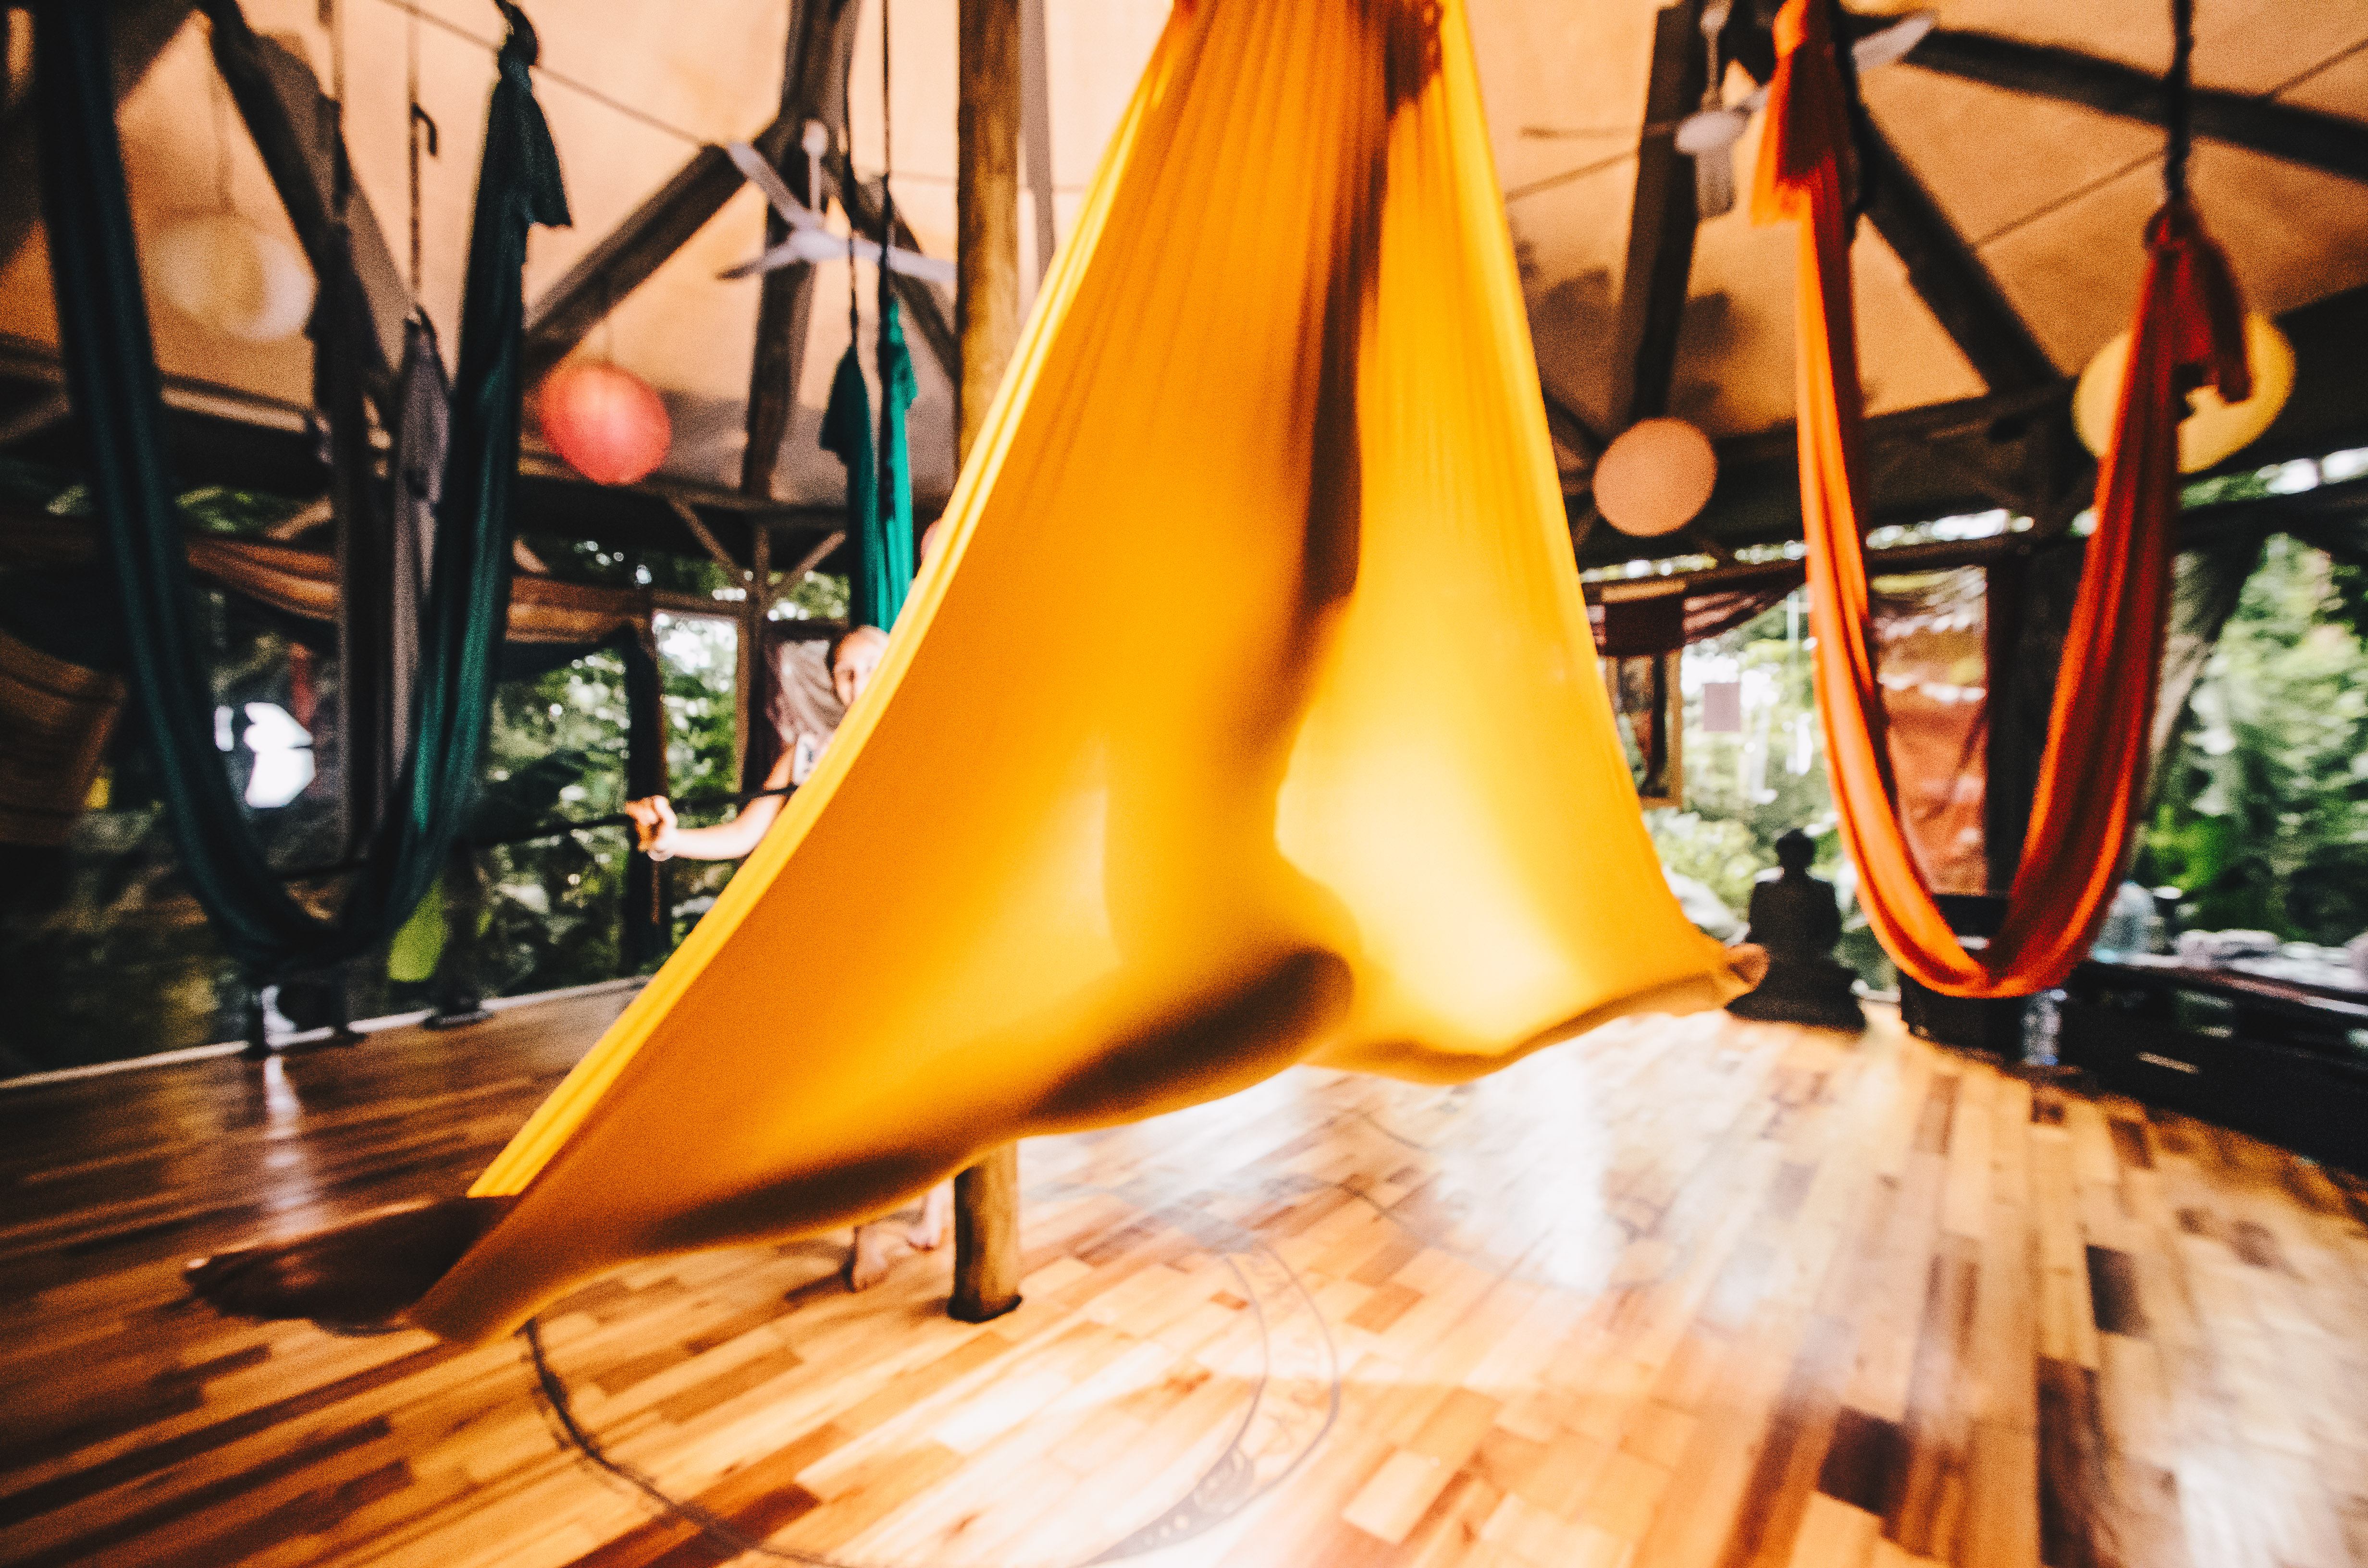 aerial yoga hammock shop aerial silks